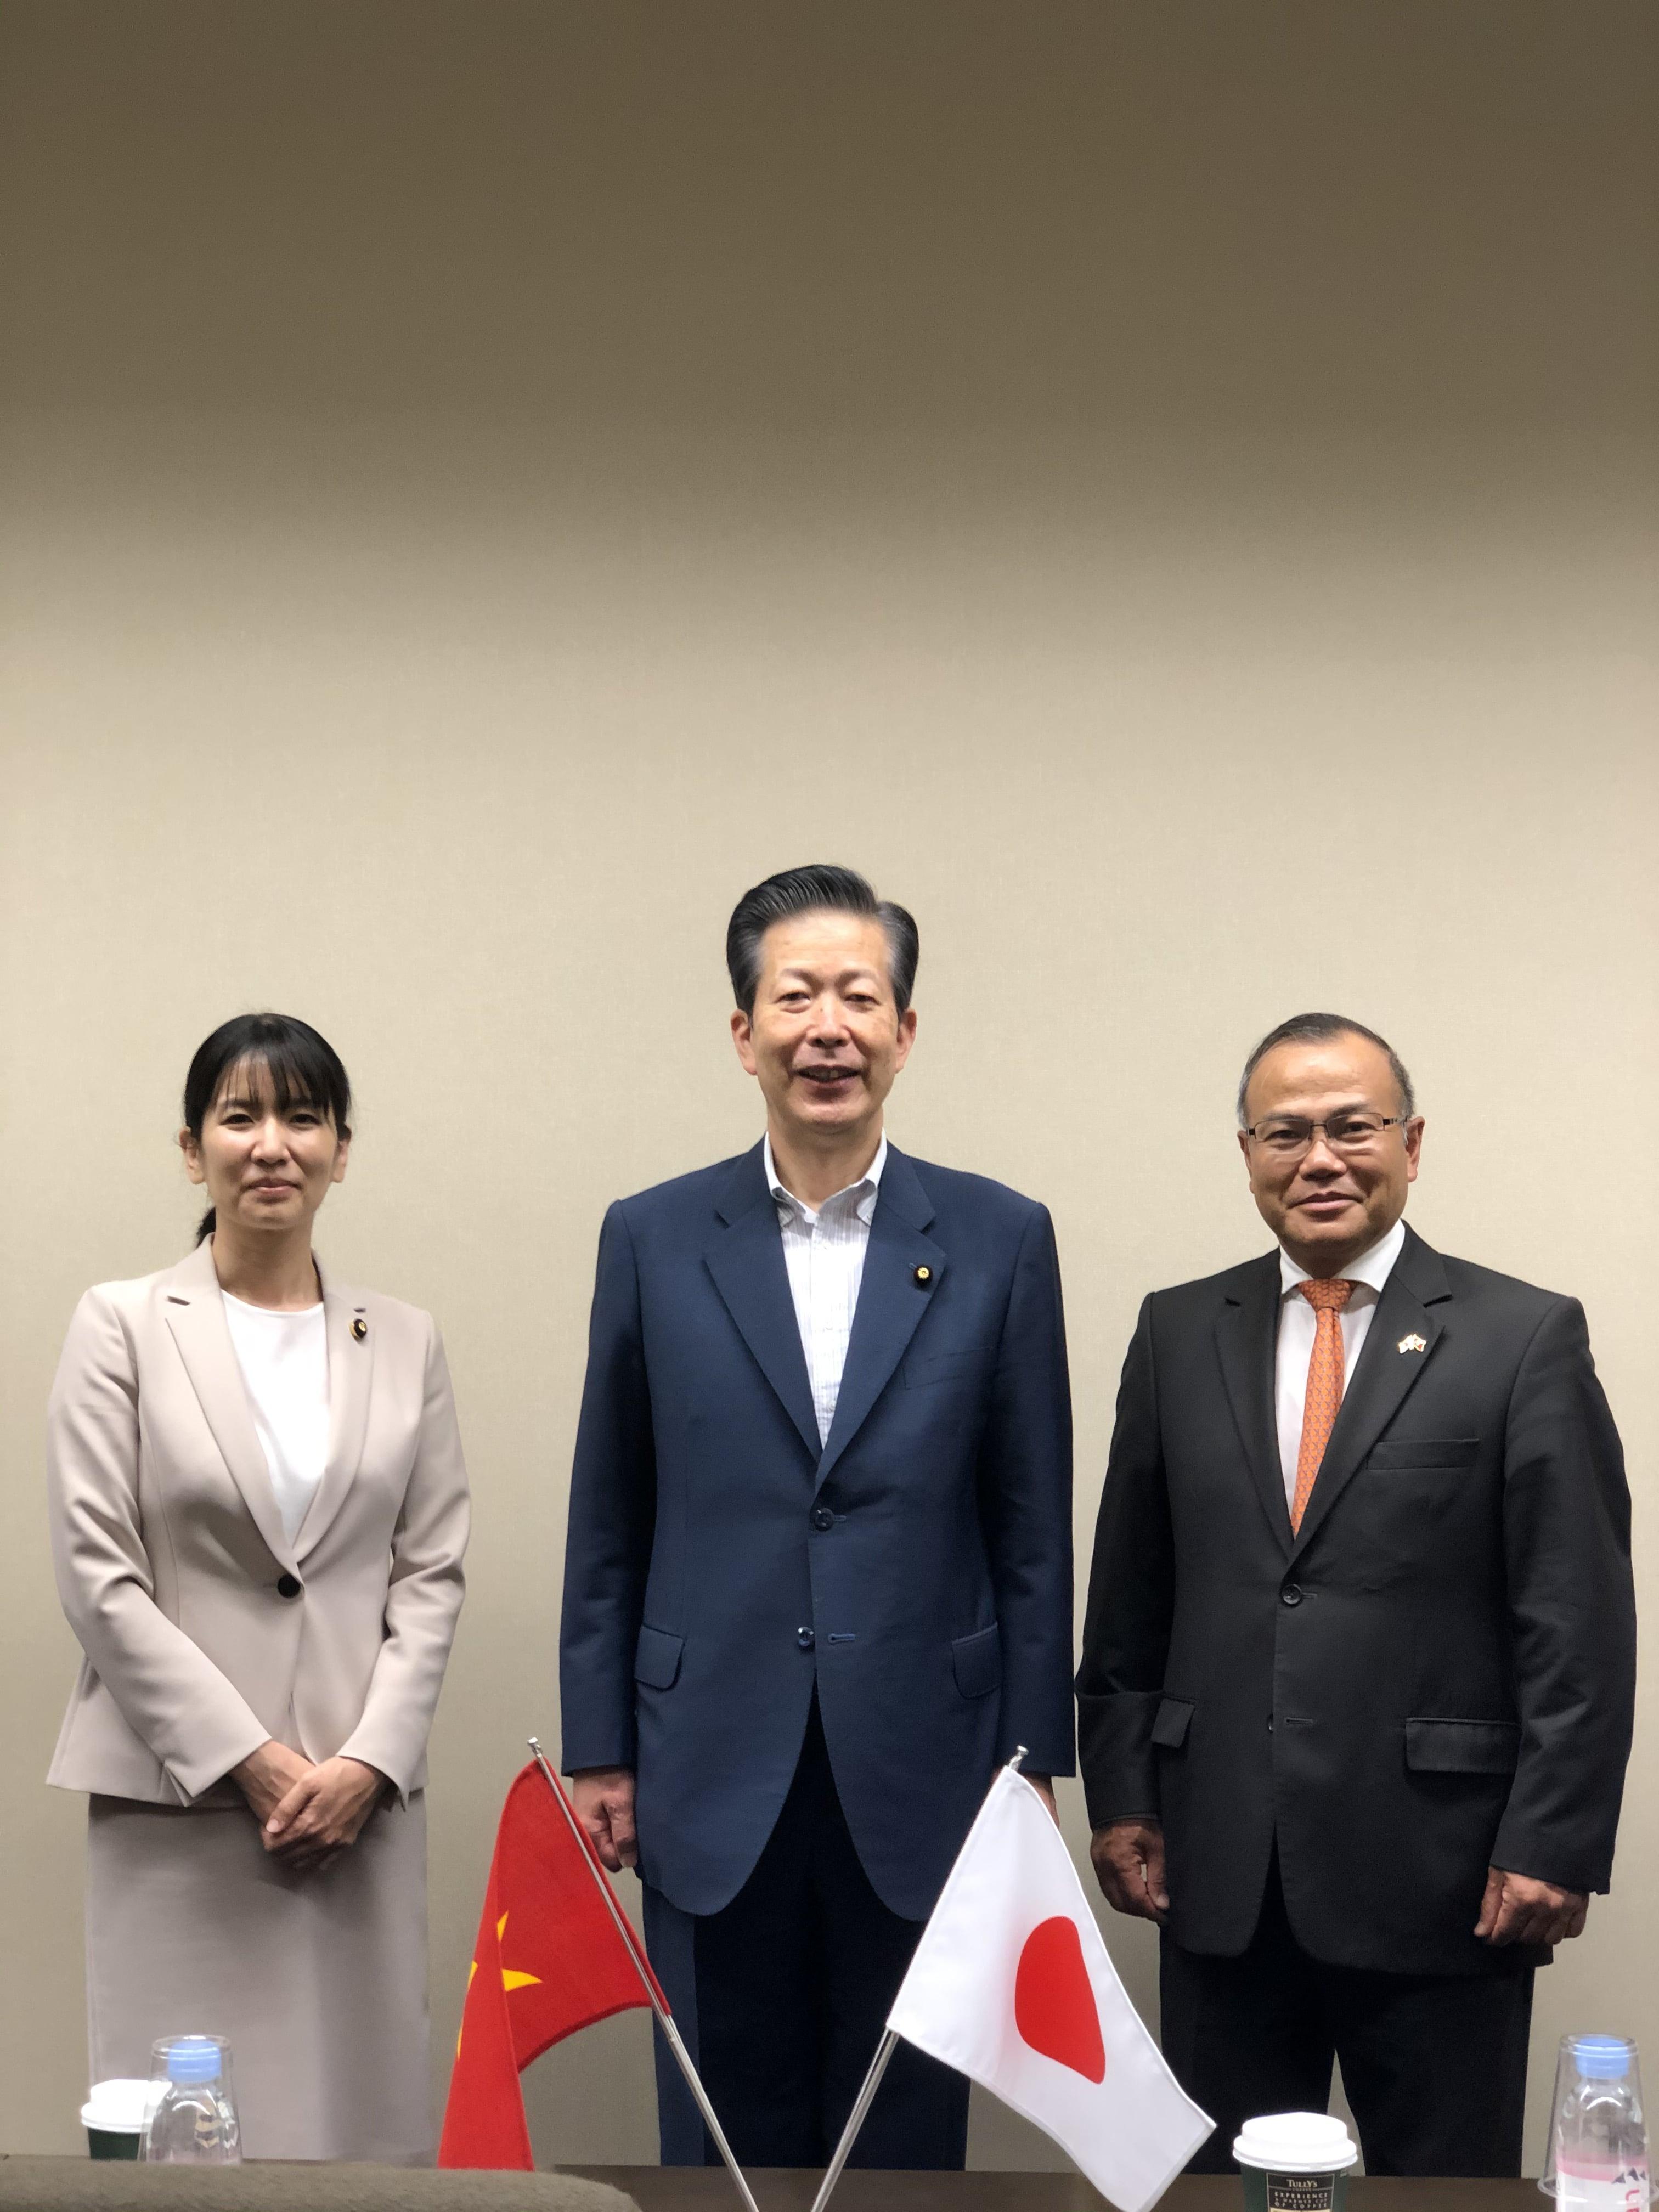 Tăng cường hợp tác giữa Đảng Cộng sản Việt Nam và các Chính Đảng của Nhật Bản